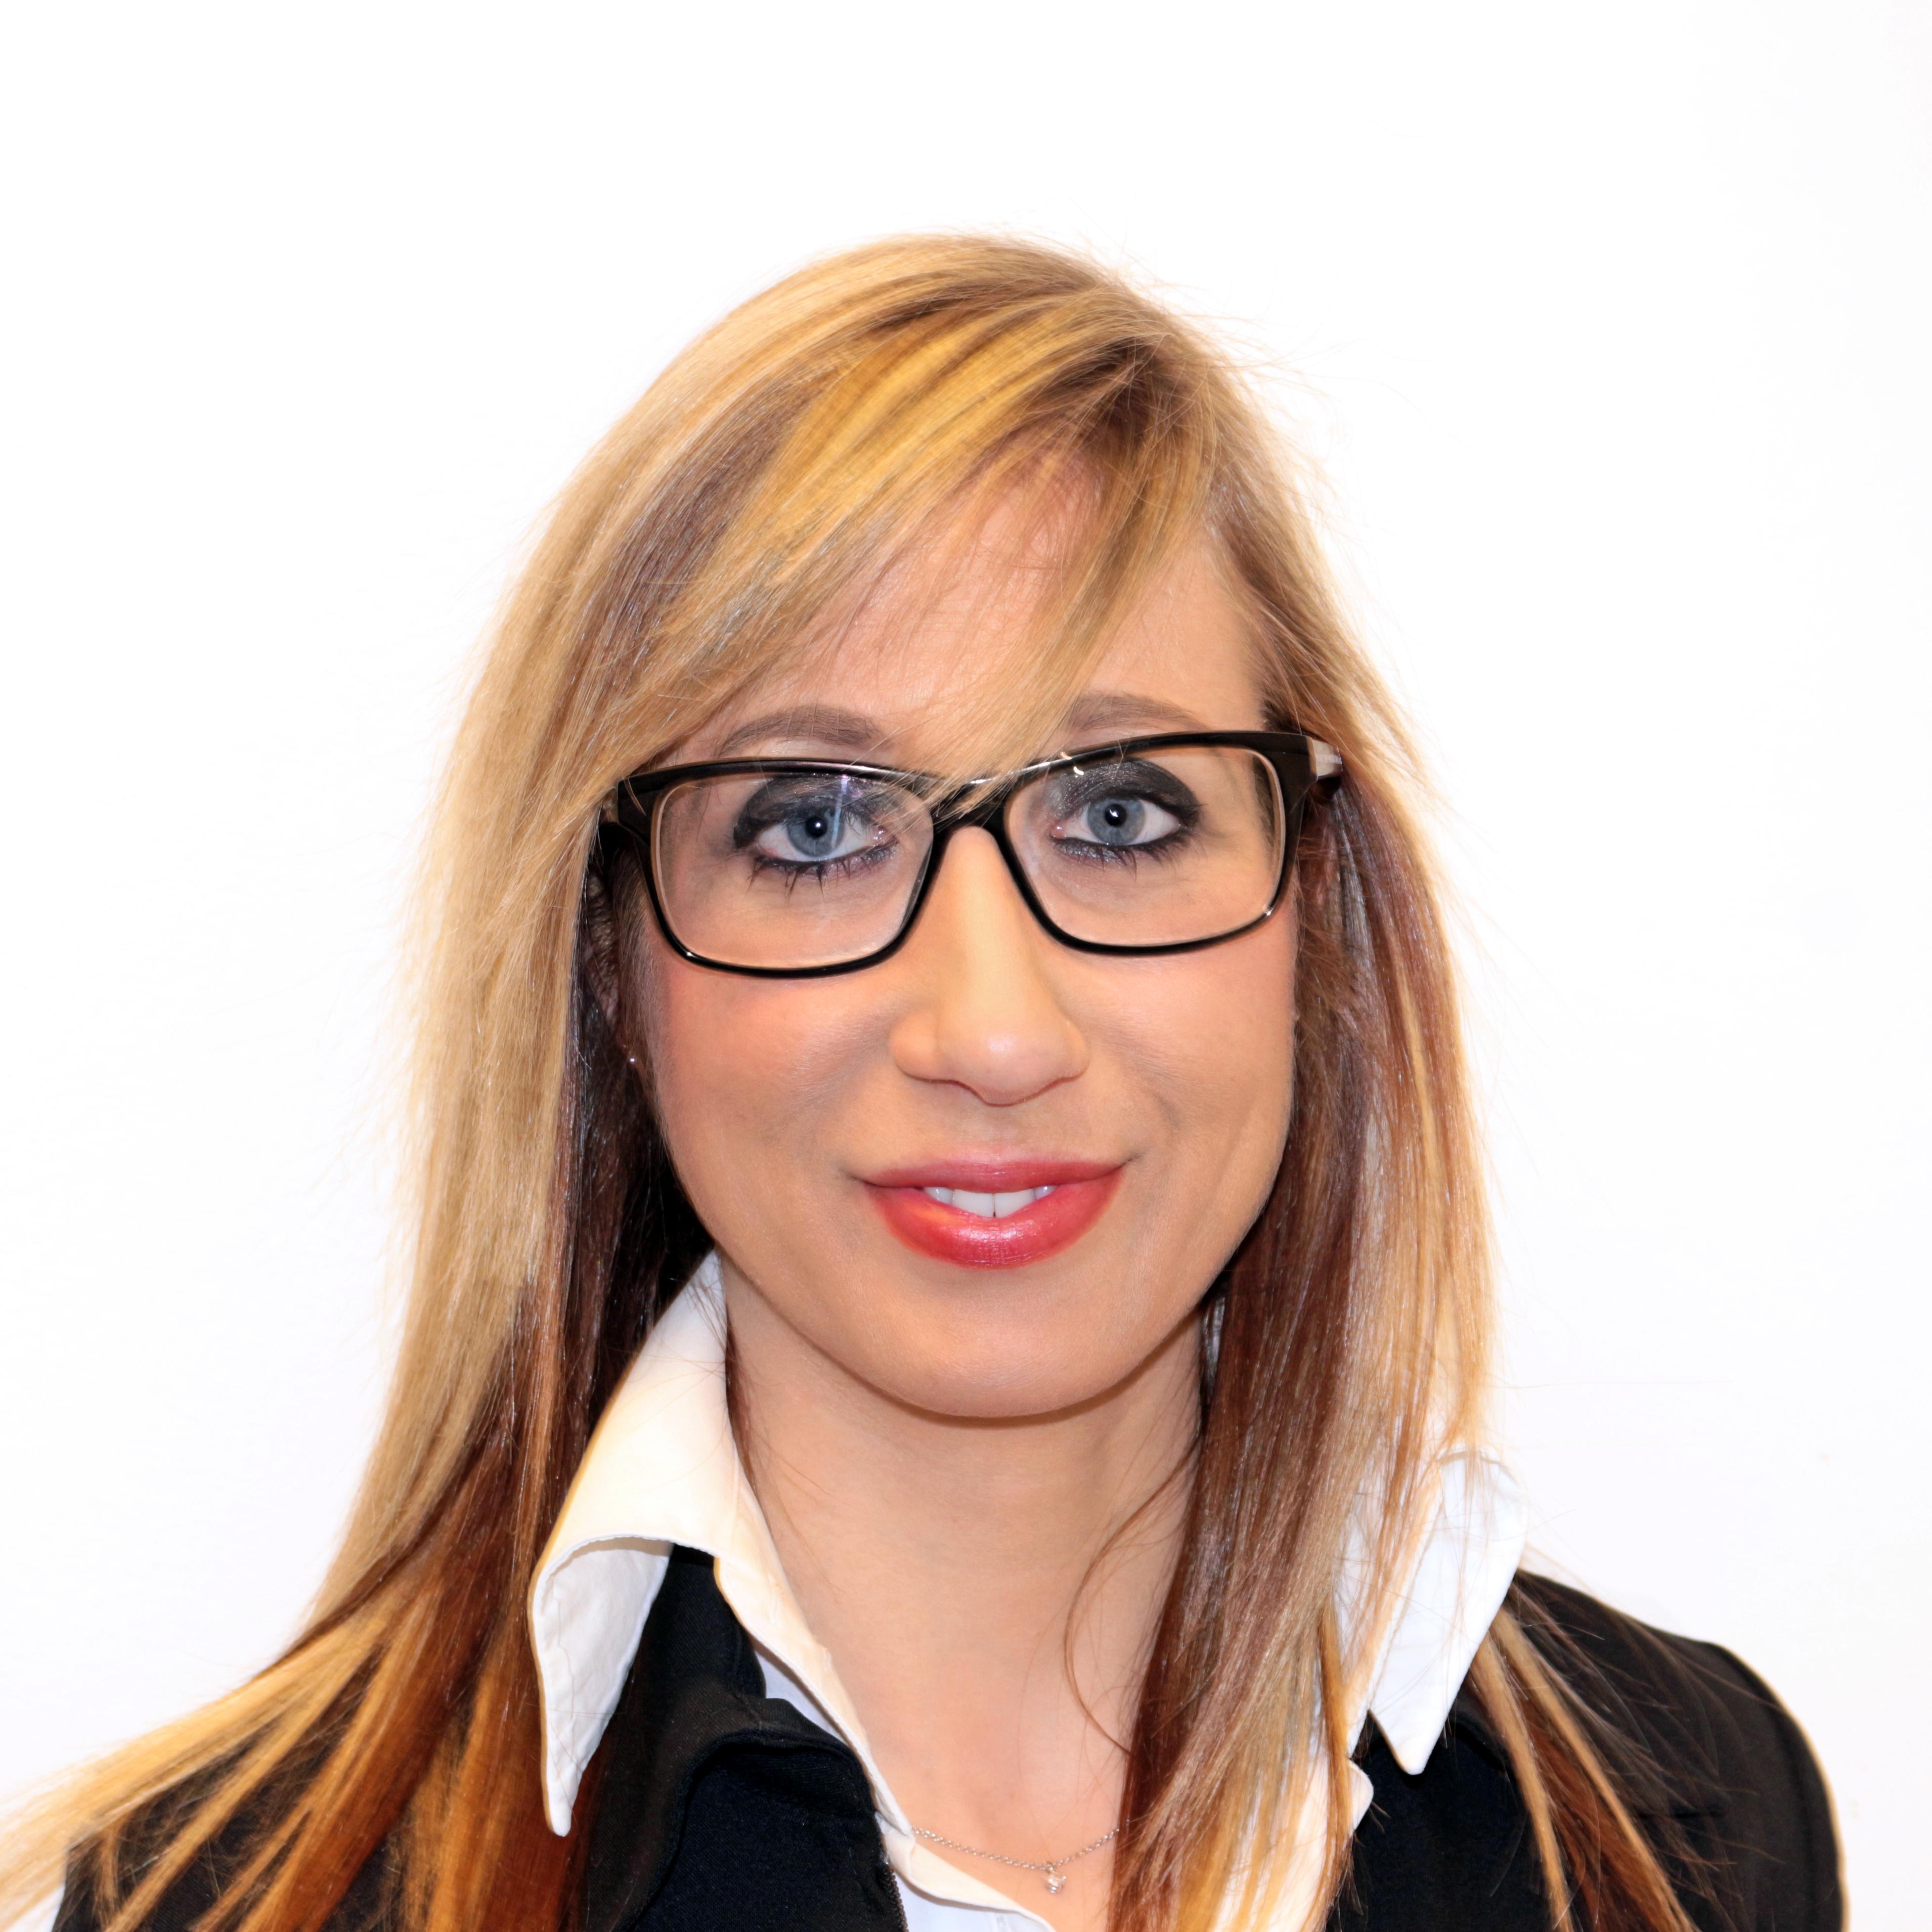 Valeria Vignolini